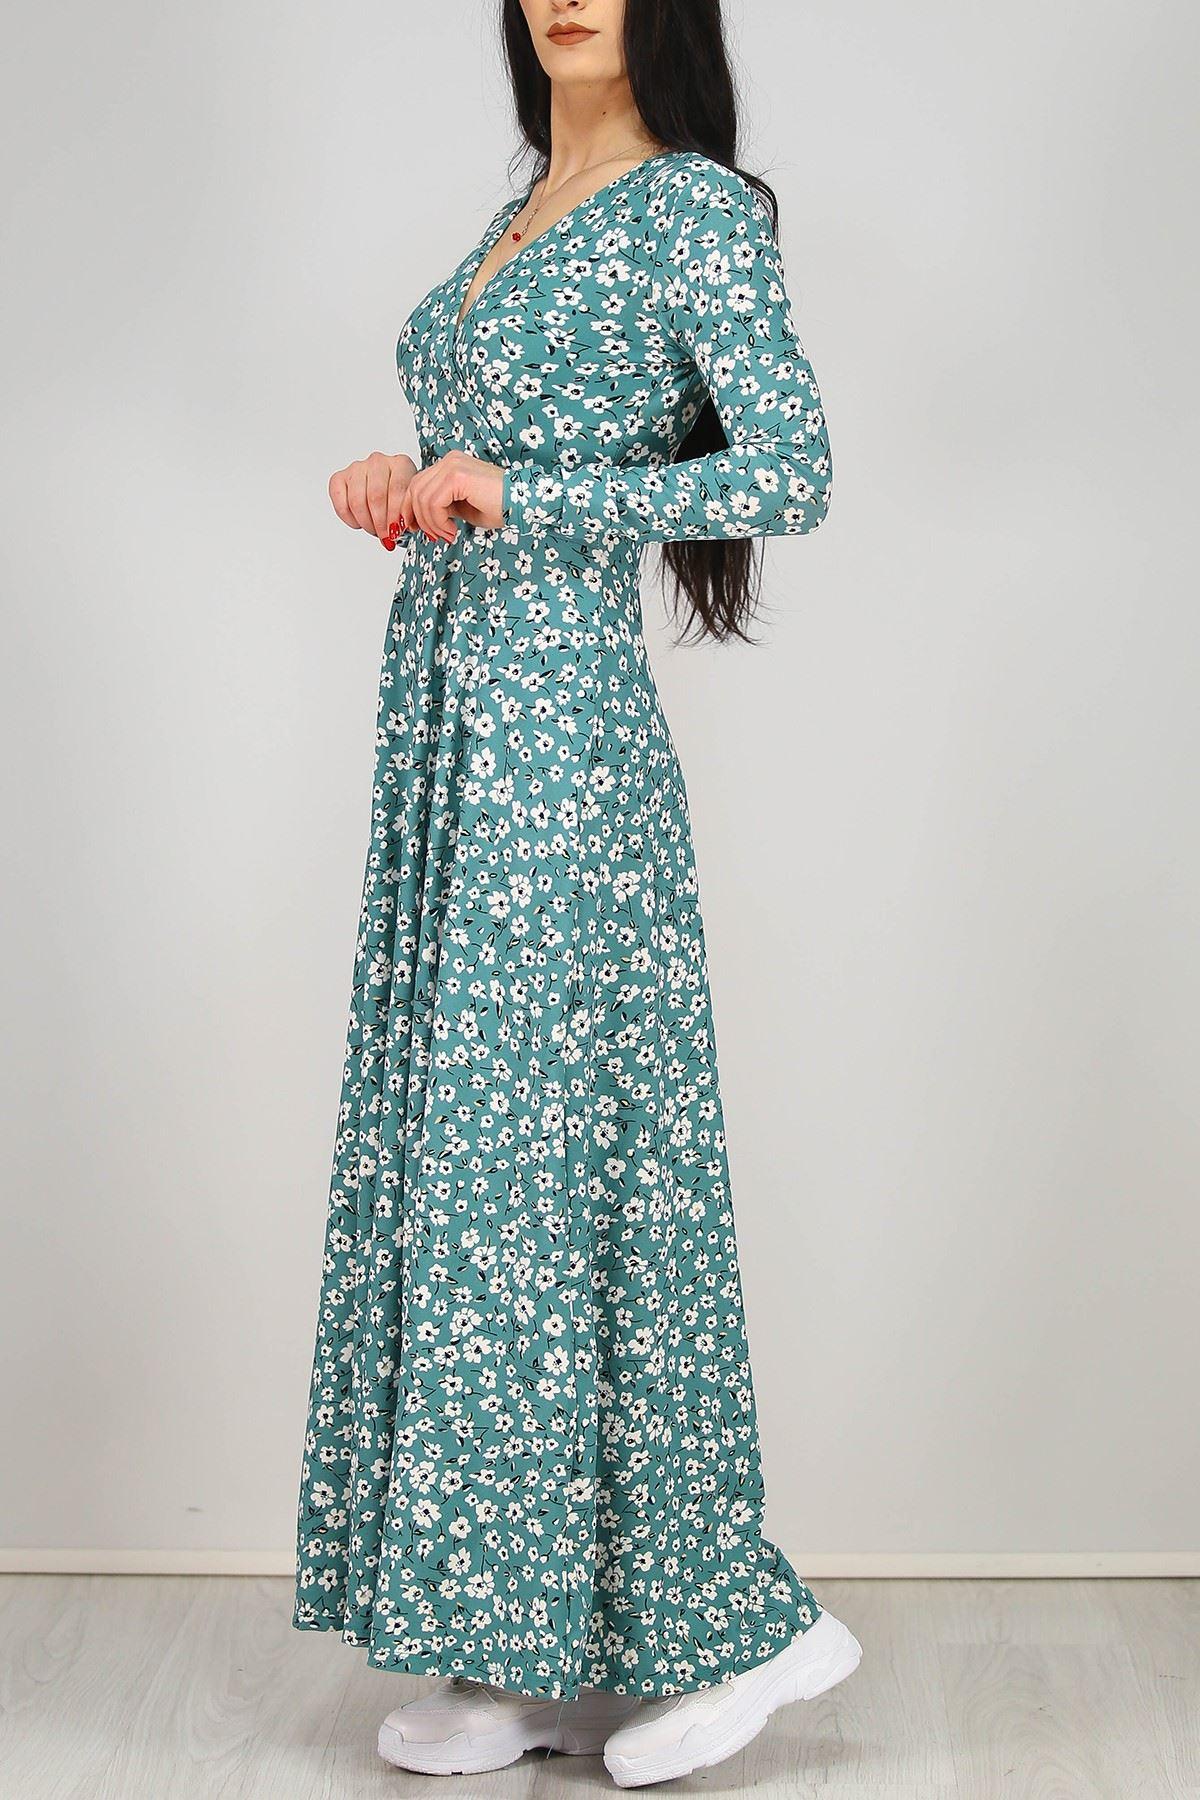 Çiçekli Elbise Mint - 4987.716.